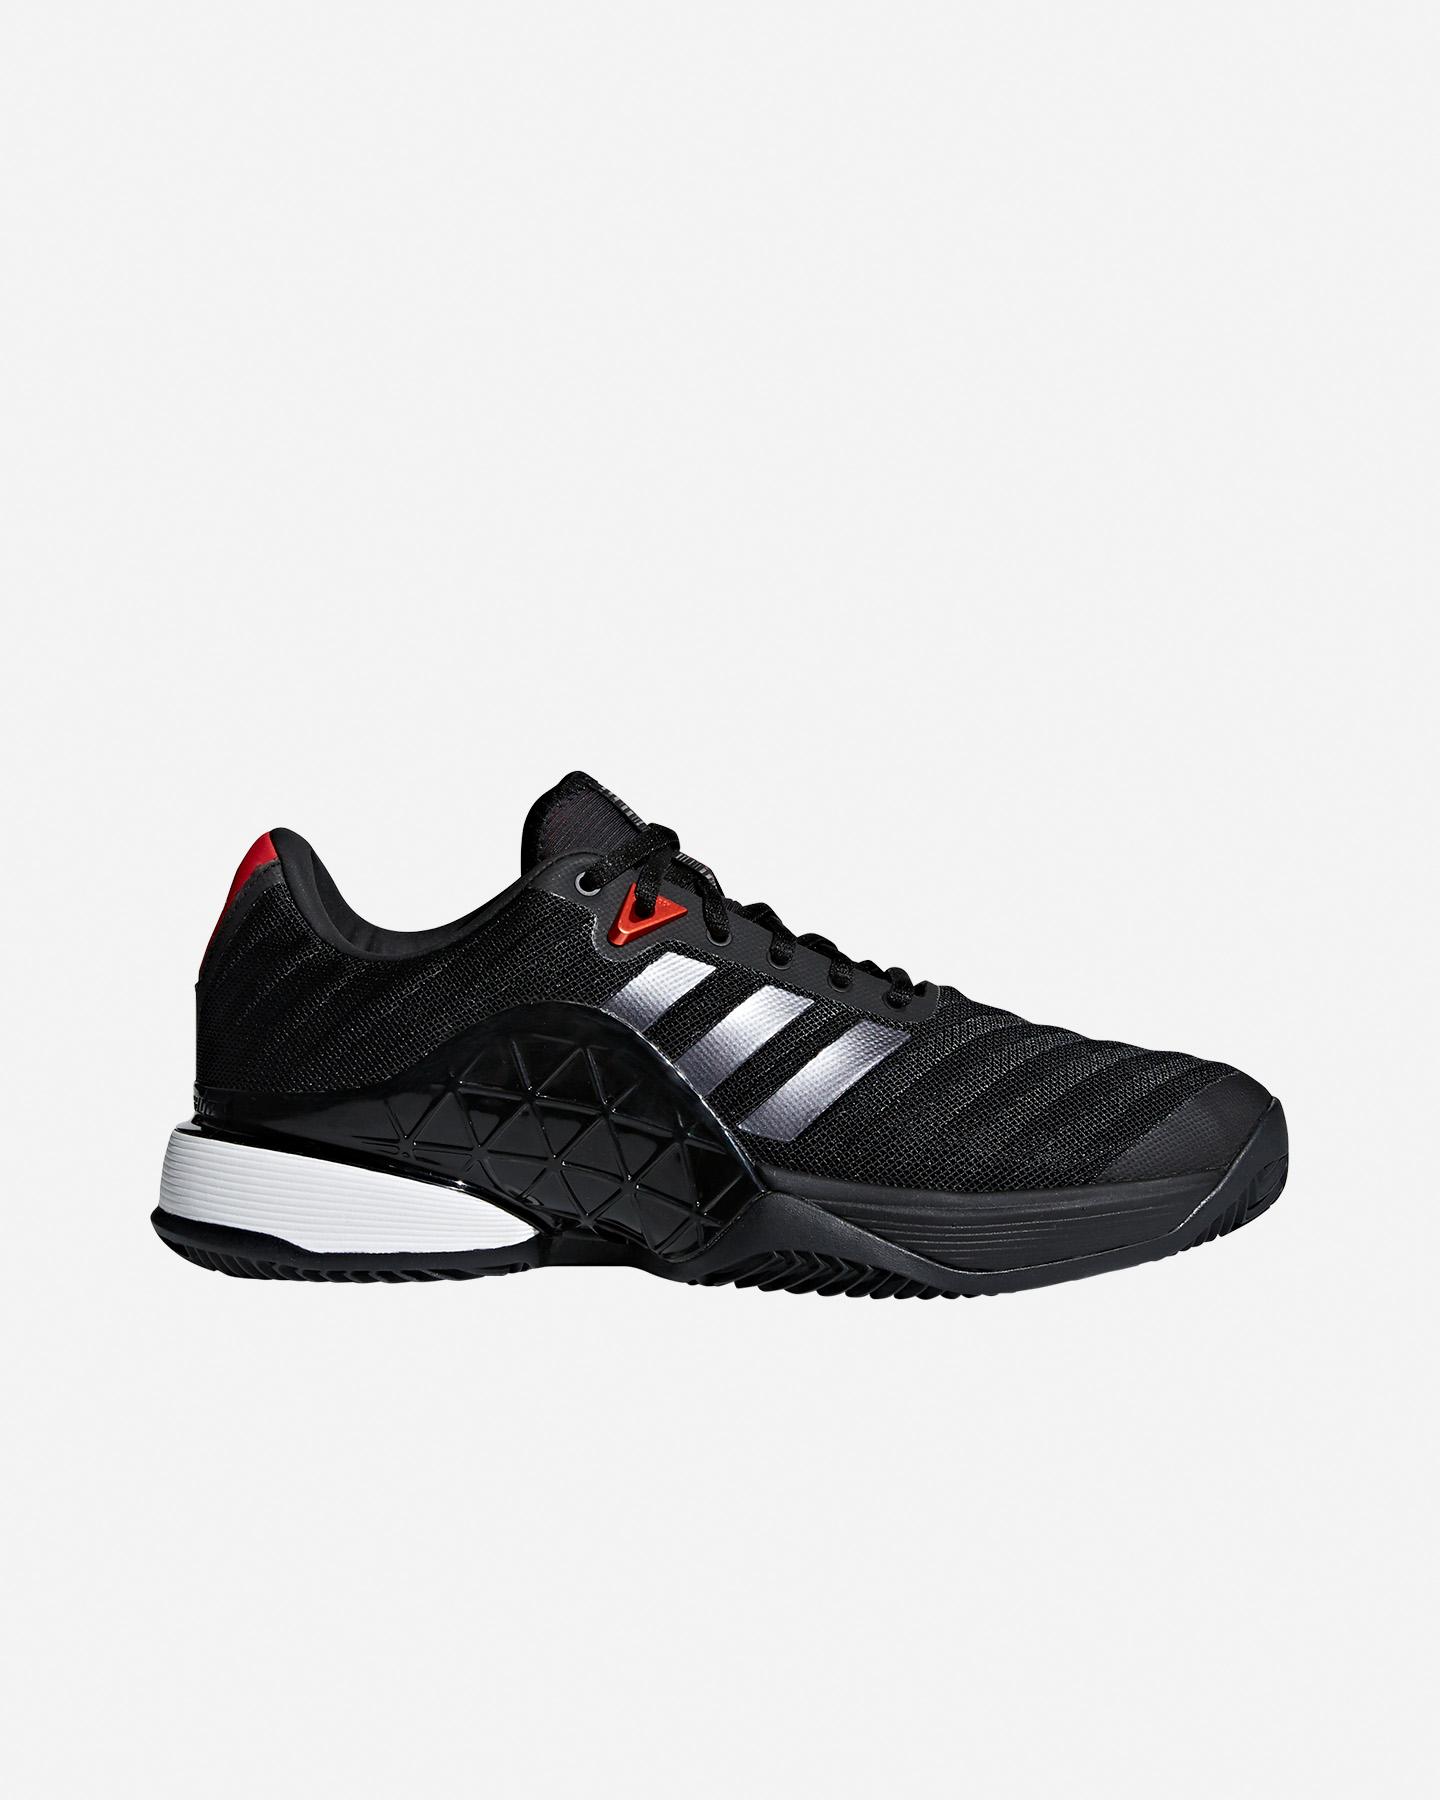 reputable site 37f04 2632c ... official tennis sport scarpe cm7831 barricade m 2018 clay adidas su  cisalfa zyqtrsw bd415 f9f7a